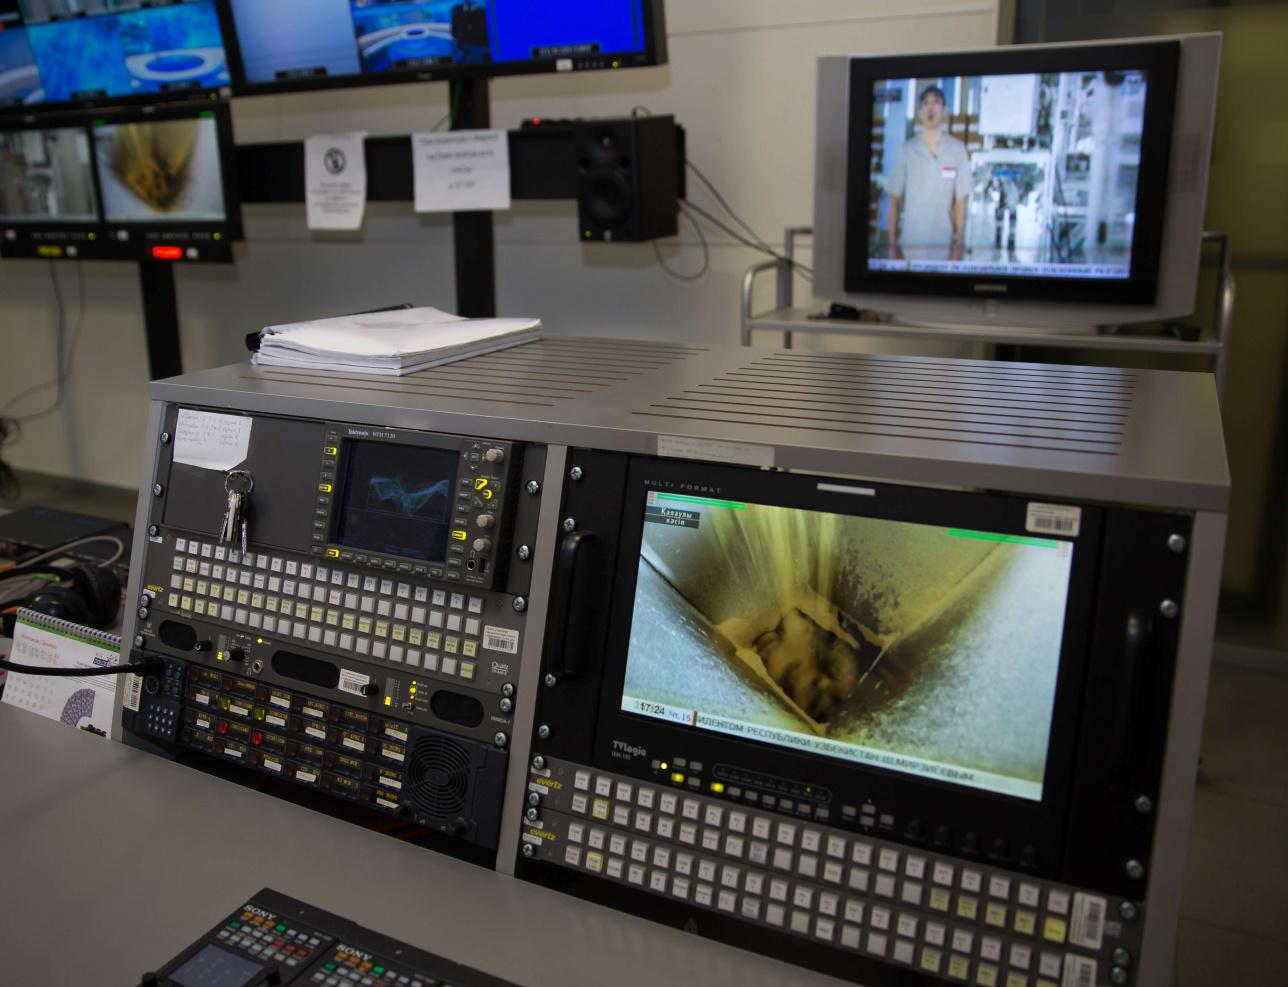 Проектом предусмотрено строительство и модернизация 827 радиотелевизионных станций